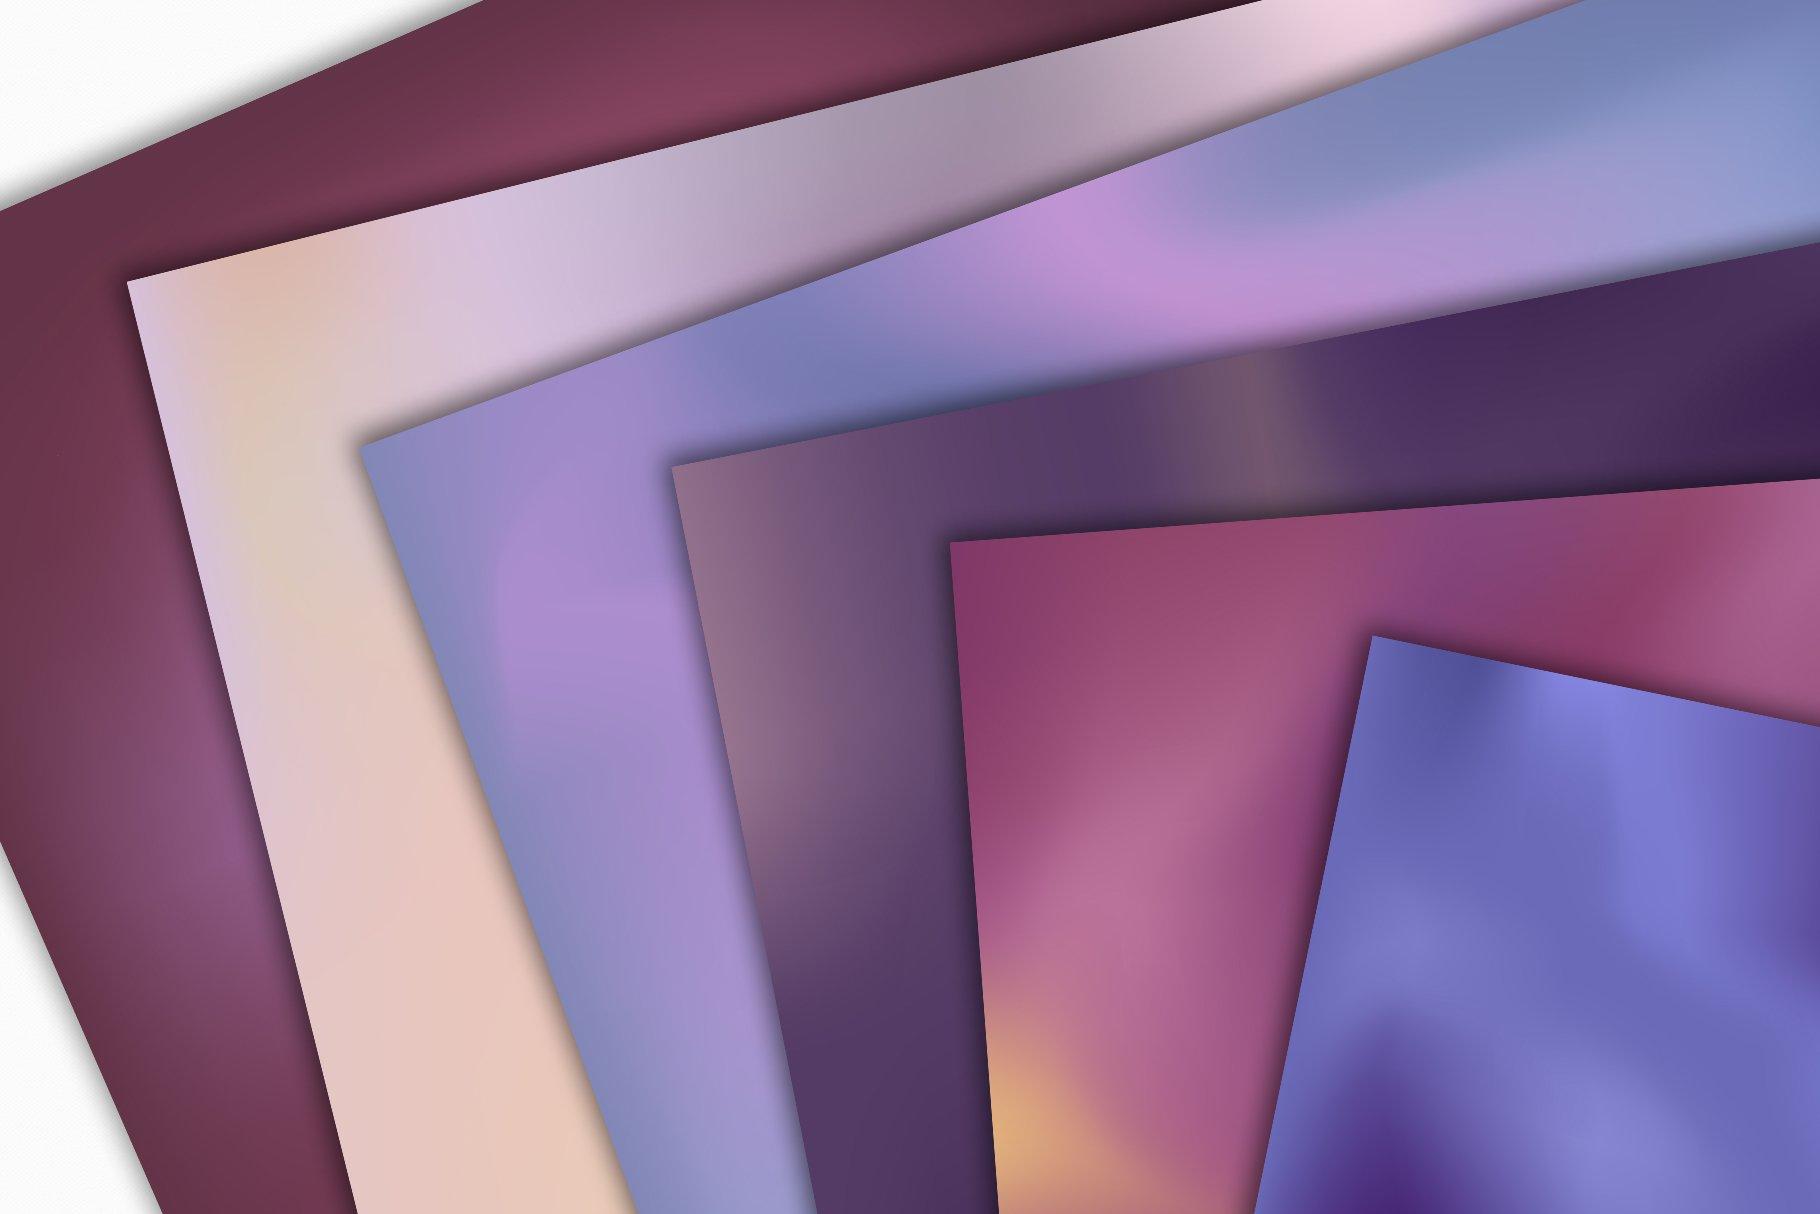 抽象紫色海军蓝绿色调丙烯酸油漆笔刷背景纹理图片素材 Brushstroke Textures Collection插图(8)